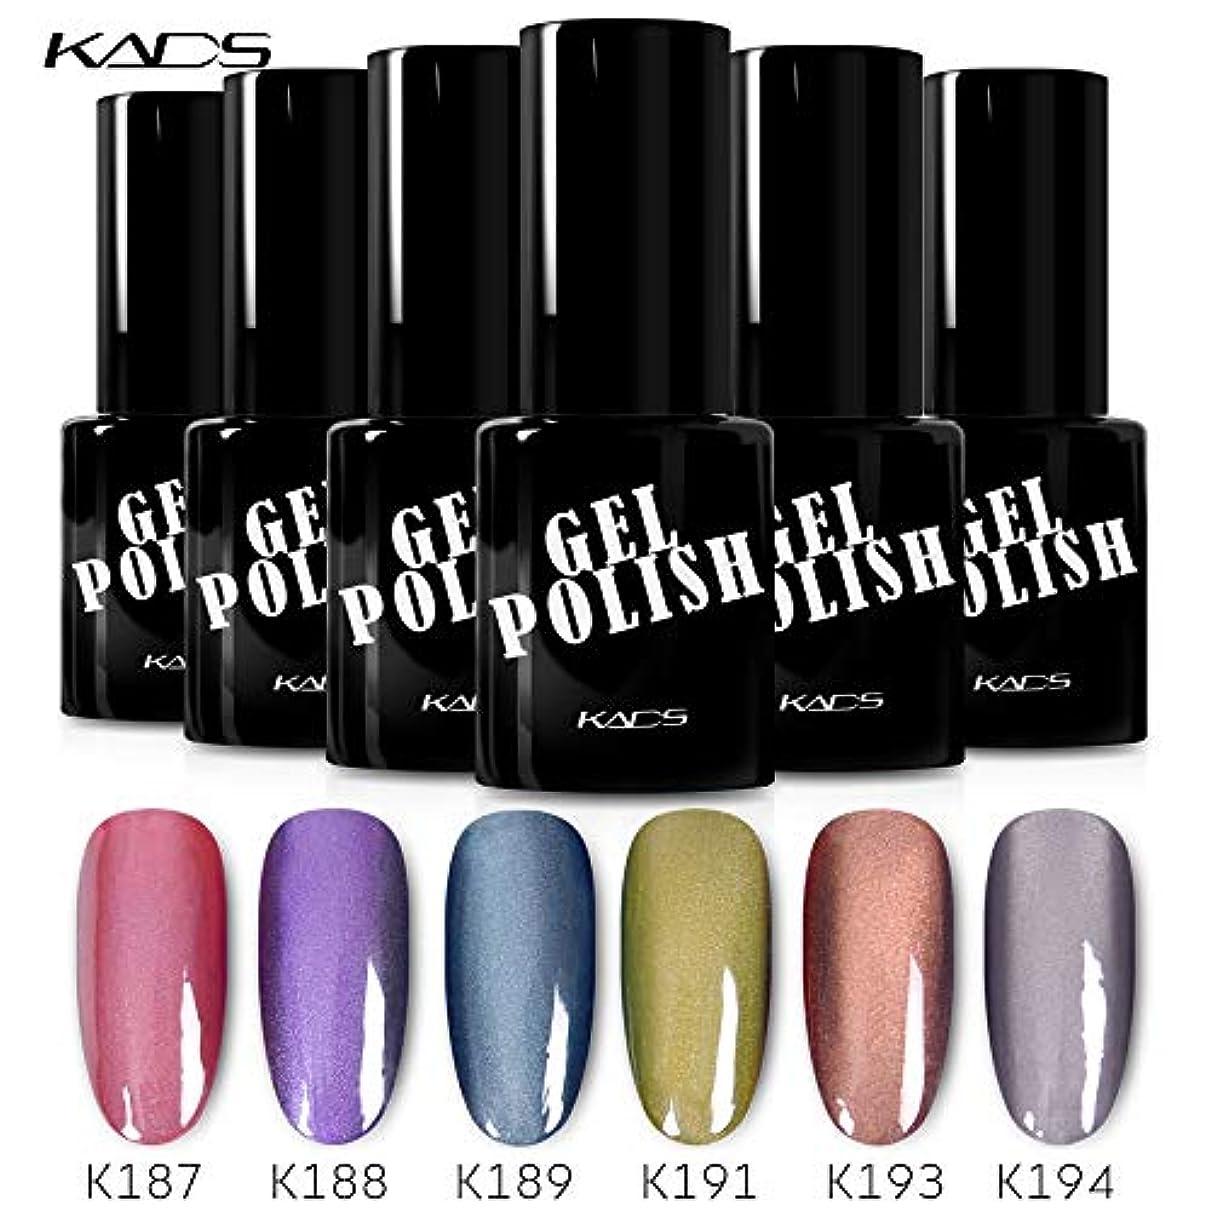 パンチキロメートル火炎KADS カラージェル 6色入り キャッツアイジェルネイル グリーン/ピンク/グレー カラーポリッシュ UV/LED対応 艶長持ち